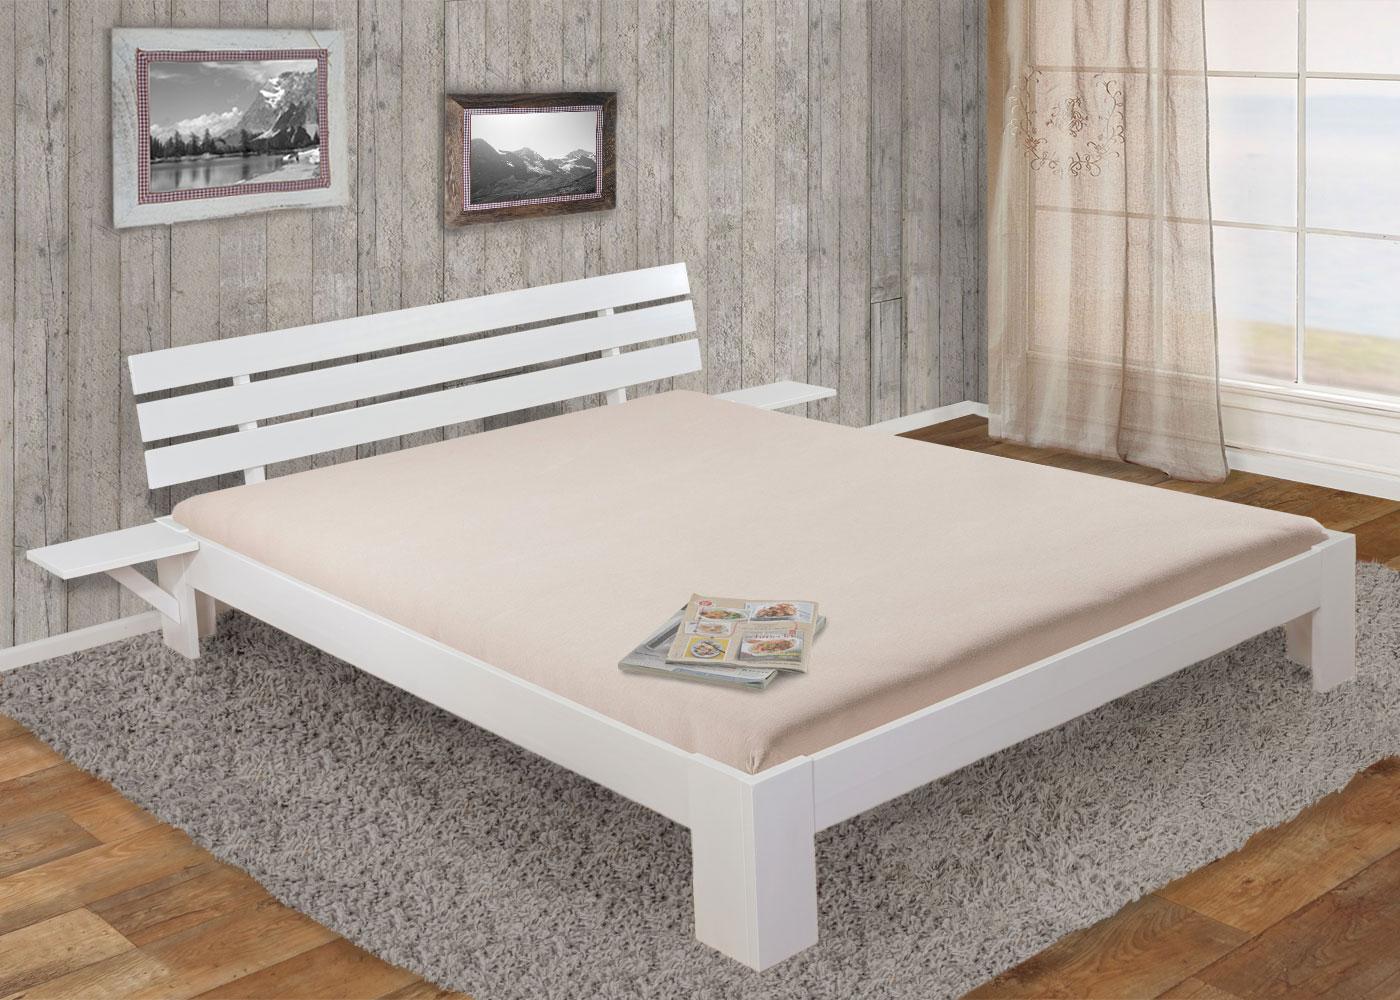 Full Size of Bett Massivholz Perth Betten Mannheim Flexa Günstige 180x200 140 Topper Bonprix Hülsta Kopfteil Selber Machen Tojo Bett Bett Massivholz